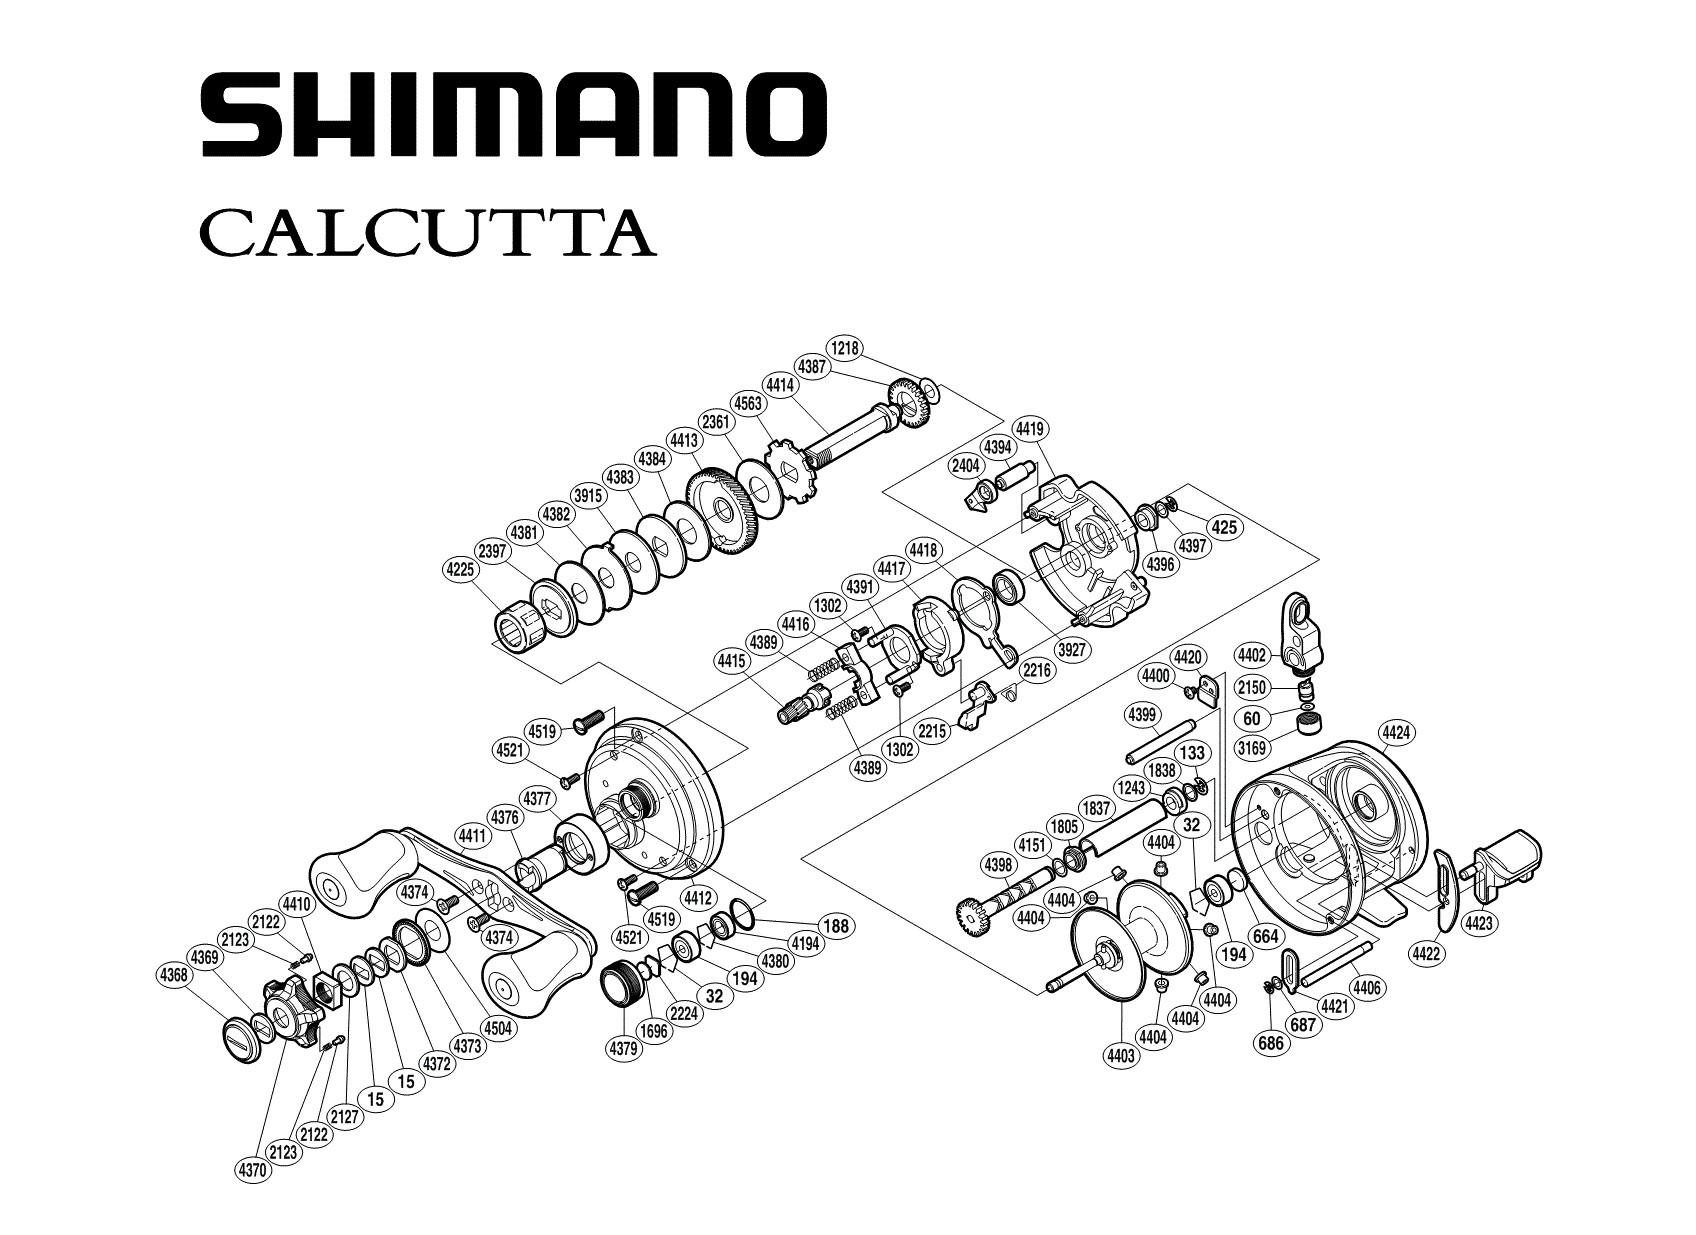 Shimano-Calcutta-201-D-LH-Multirolle